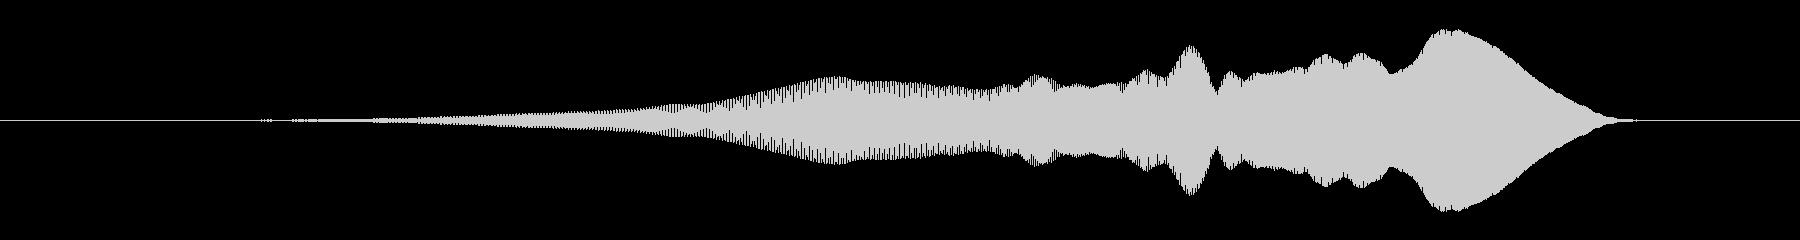 オノマトペ(上昇) ヒヨォッの未再生の波形